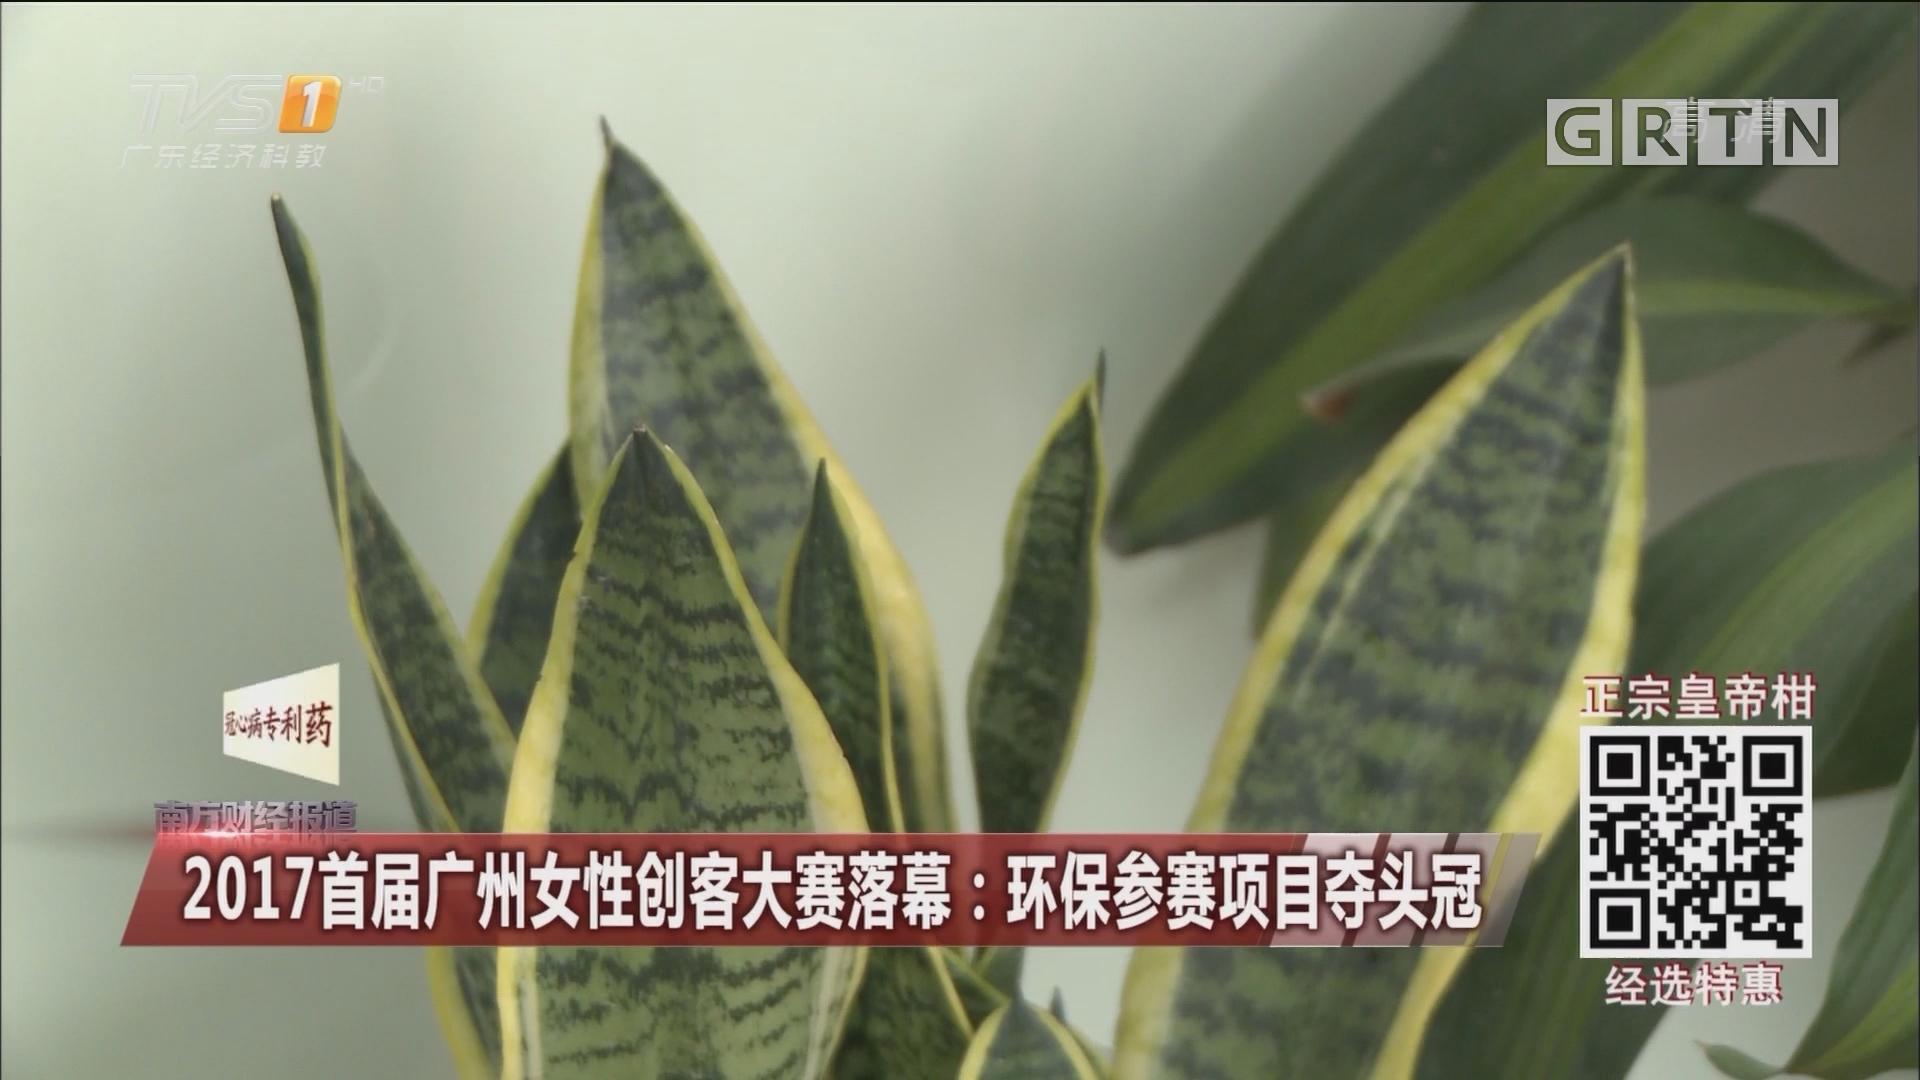 2017首届广州女性创客大赛落幕 :环保参赛项目夺头冠